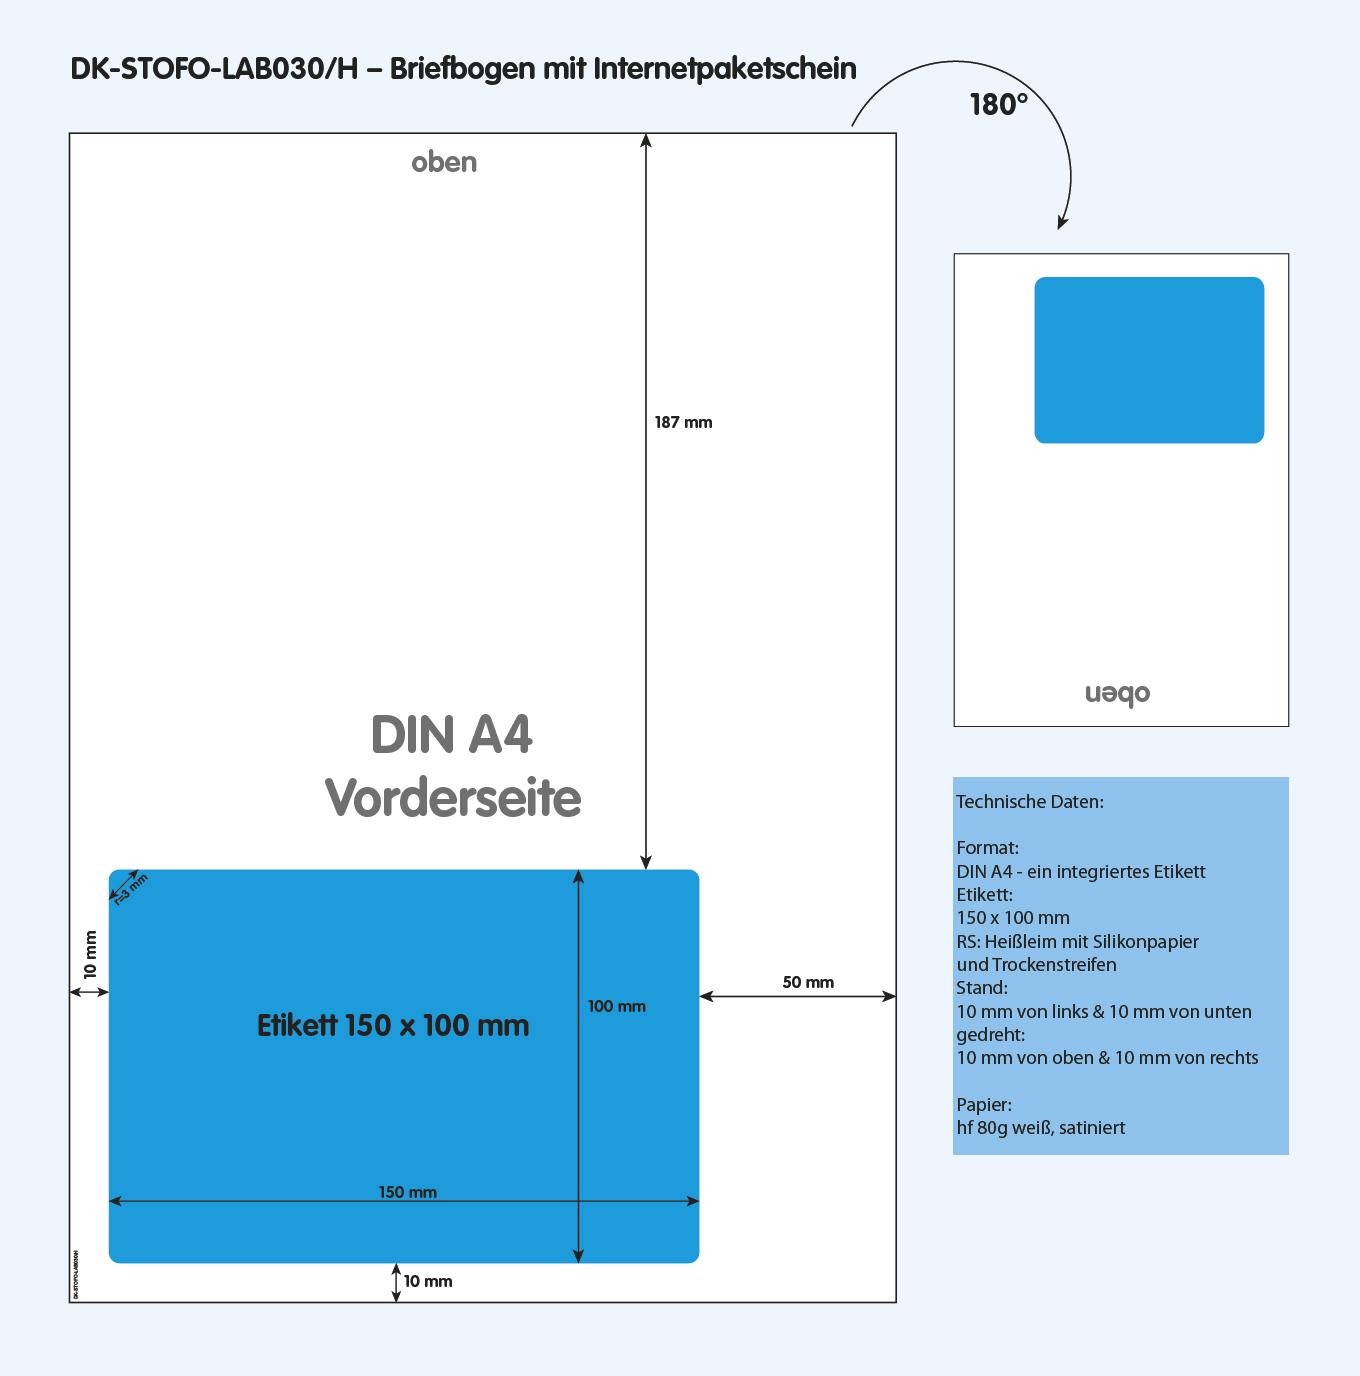 DK-STOFO-LAB030/H - technische Zeichnung